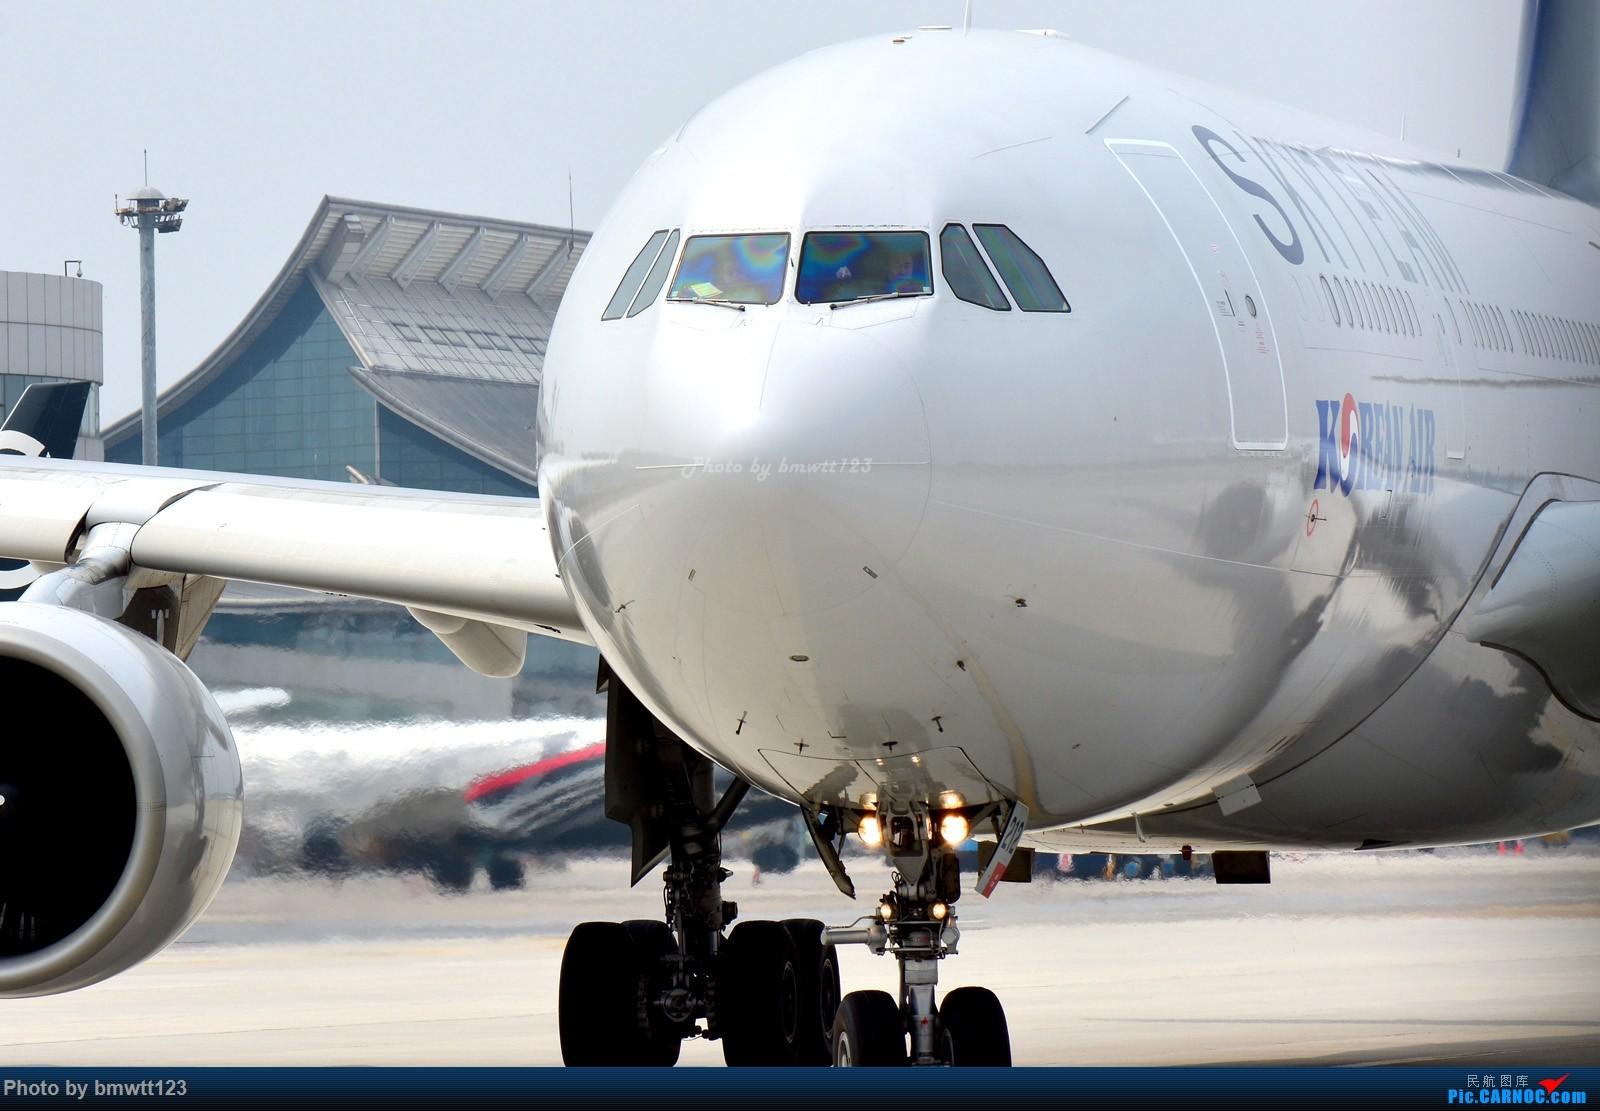 [原创]【SHE沈阳】大韩332邮戳光临桃仙机场 AIRBUS A330-200 HL8212 中国沈阳桃仙国际机场